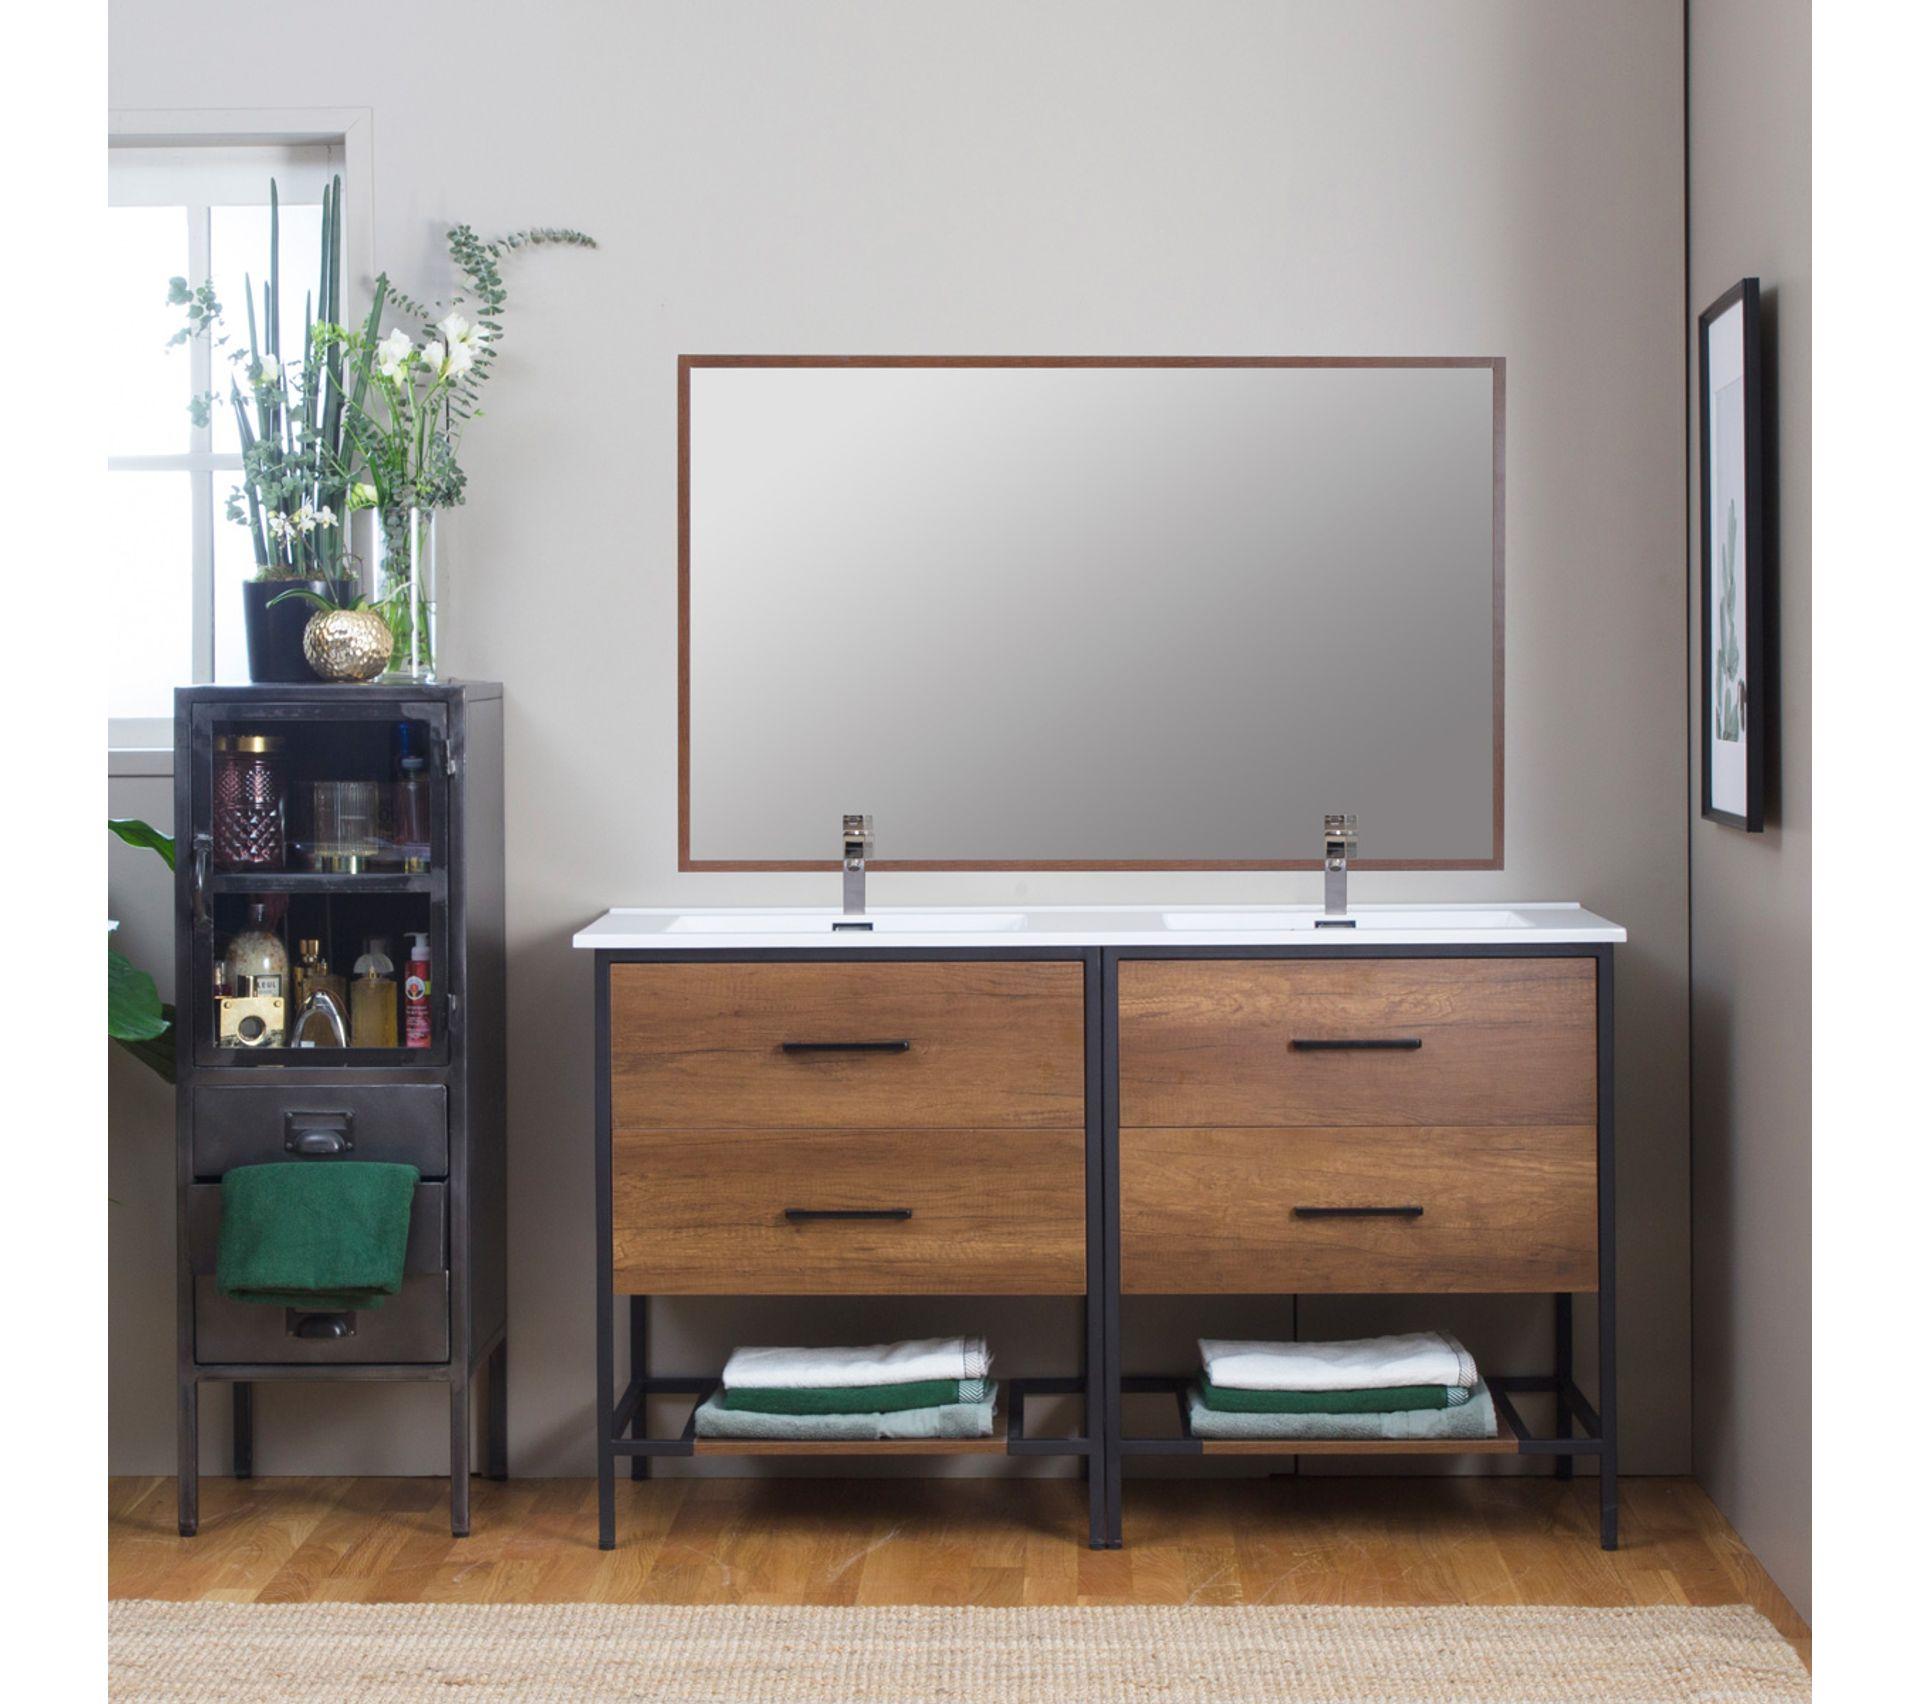 Espace Entre 2 Vasques meuble salle de bain industriel 4 tiroirs, 2 vasques - grand modèle